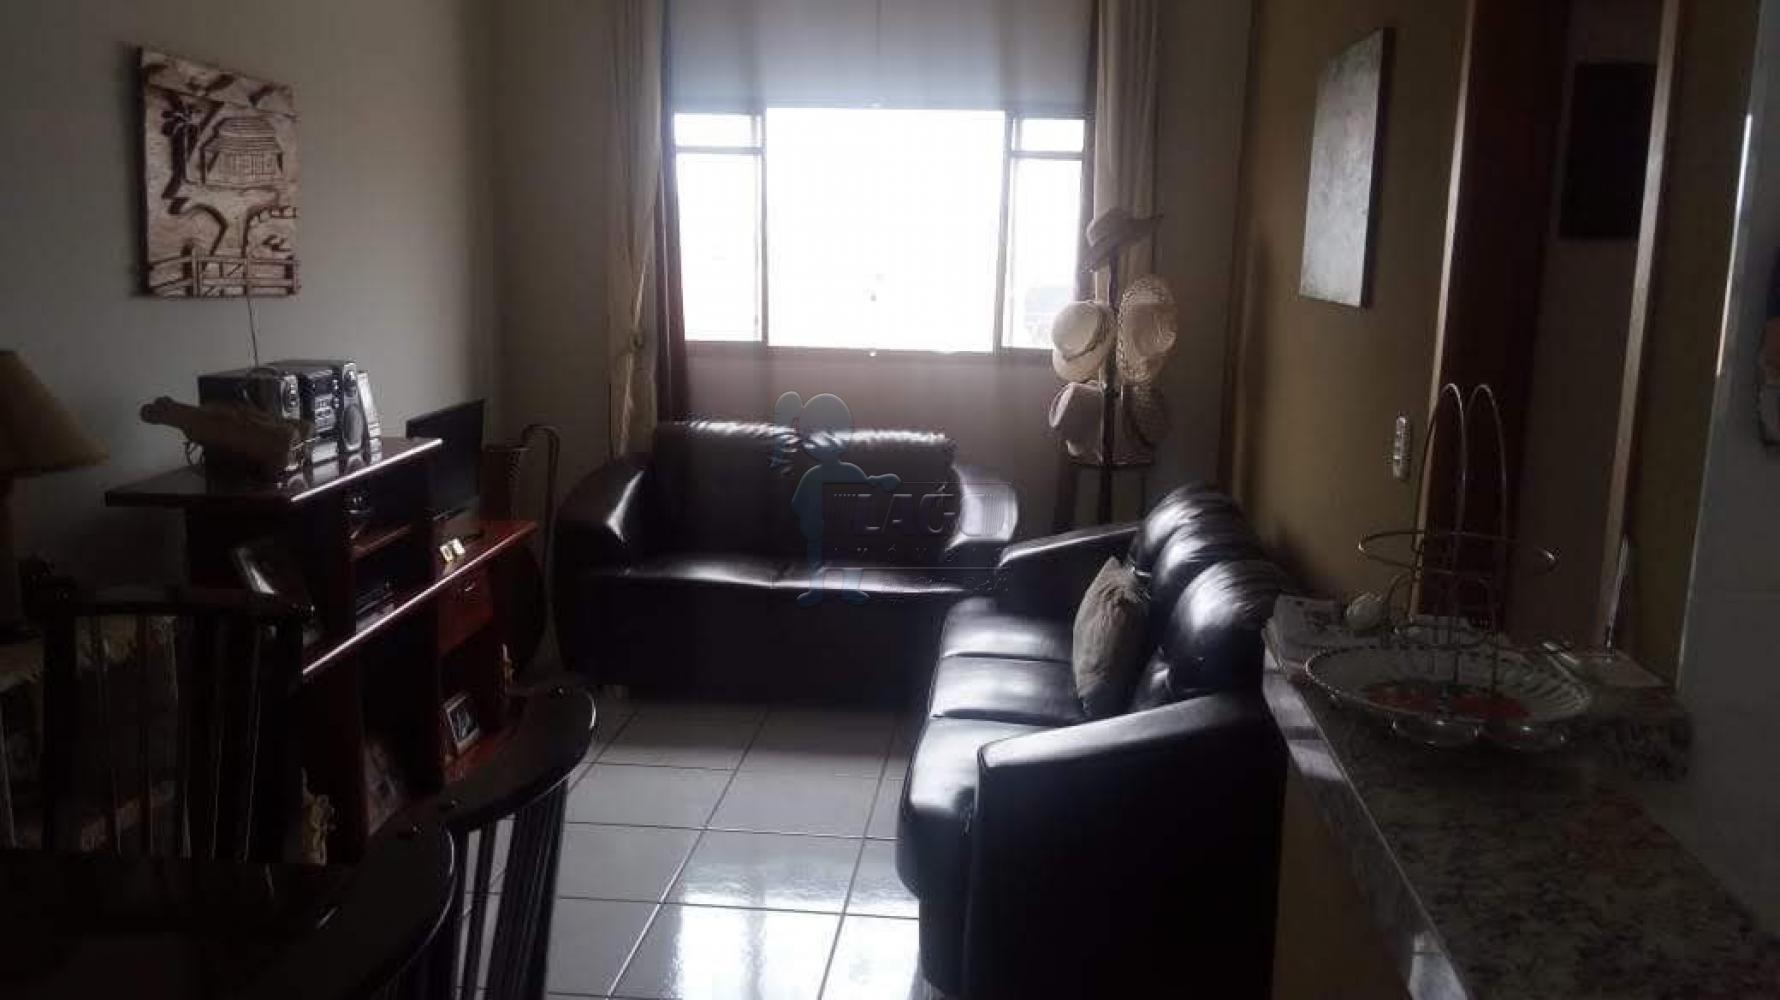 Comprar Apartamento / Padrão em Ribeirão Preto apenas R$ 165.000,00 - Foto 8